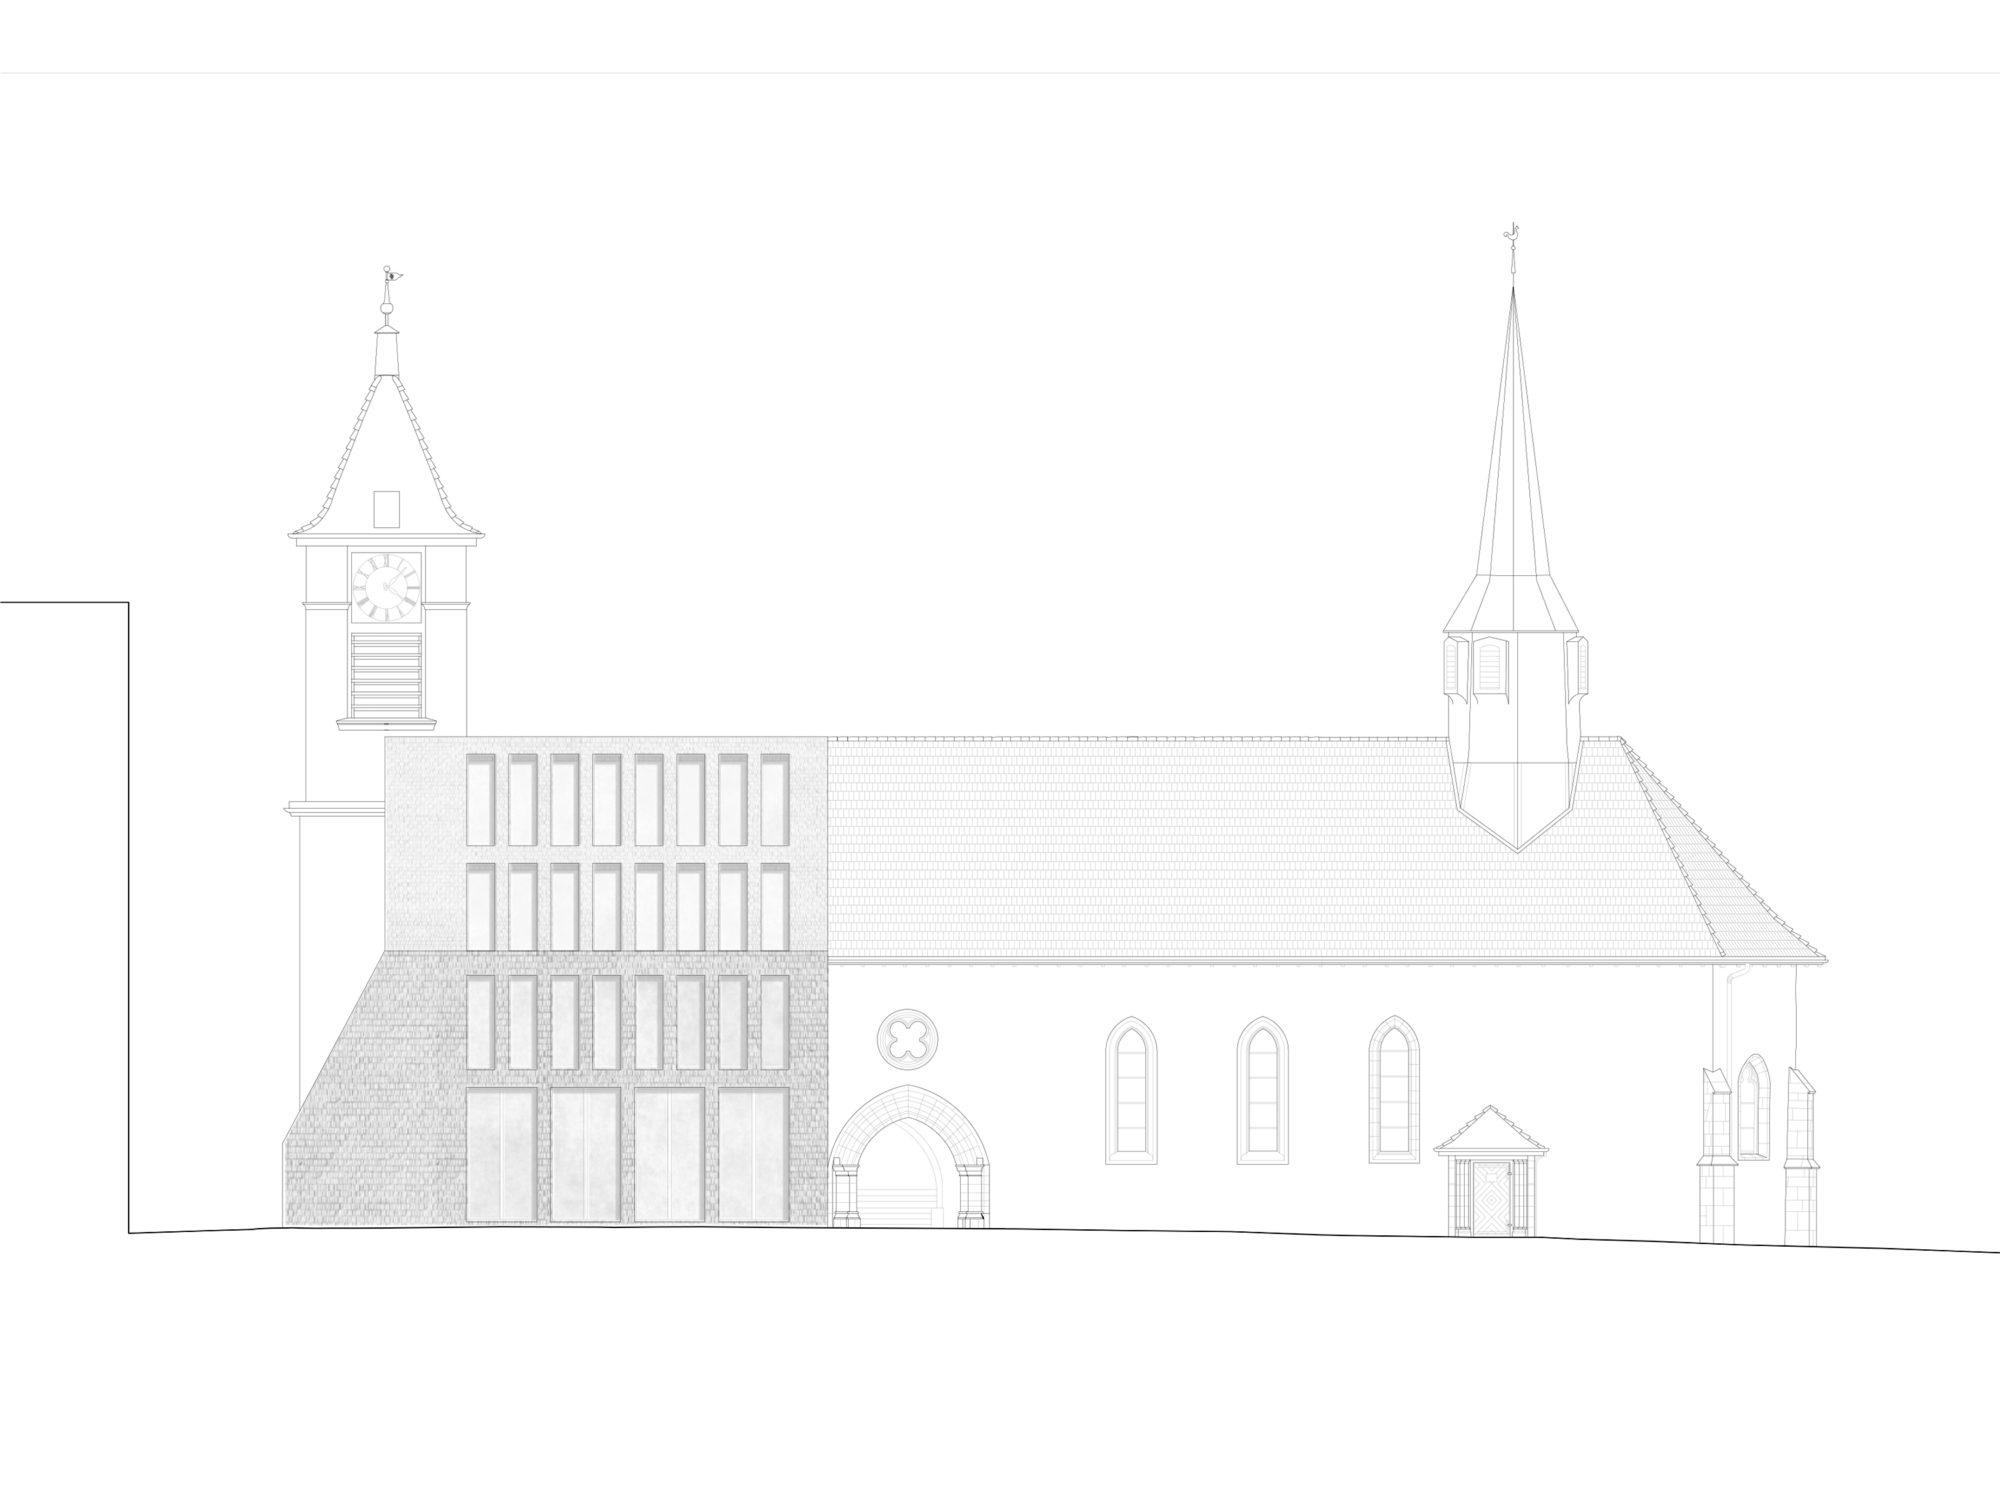 Rehabilitació de l'edifici Prieuré i l'Archeolab de Pully - Garcés - de Seta - Bonet